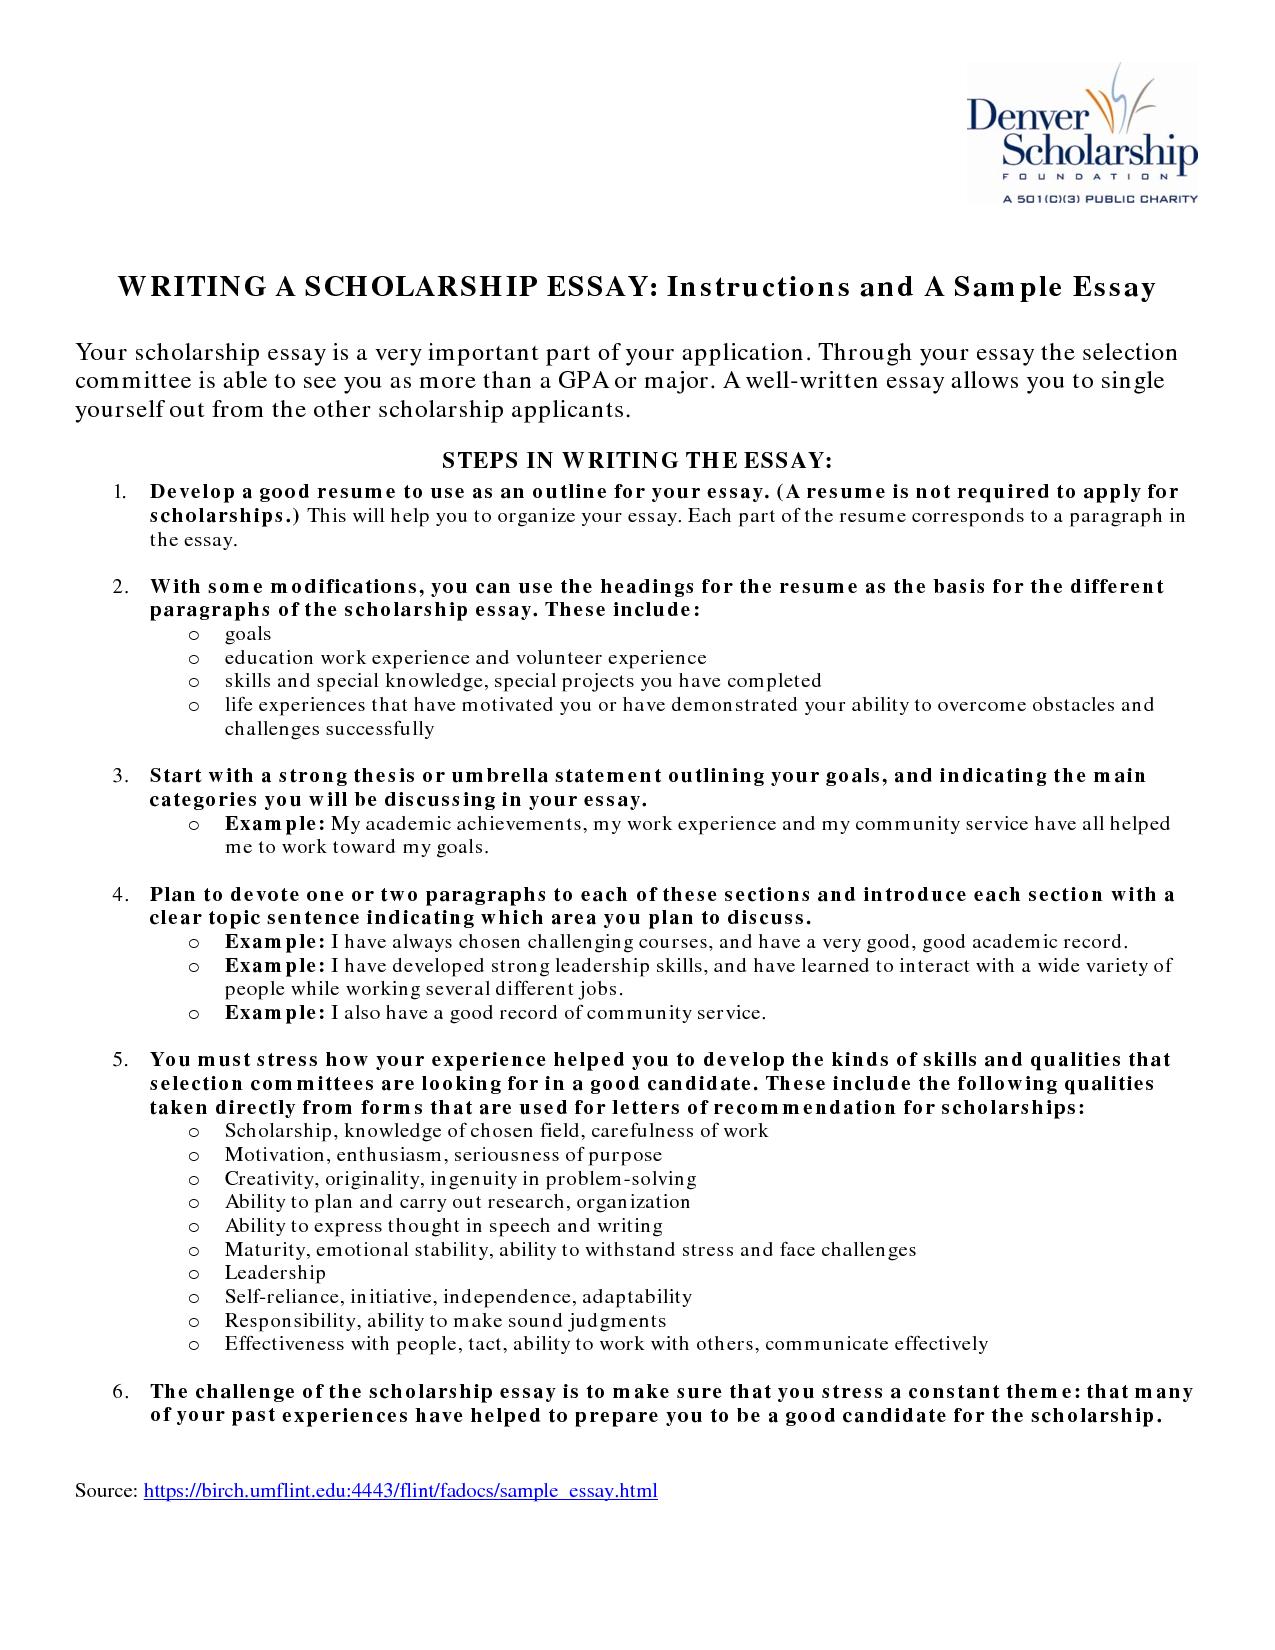 Nursing scholarship essay samples